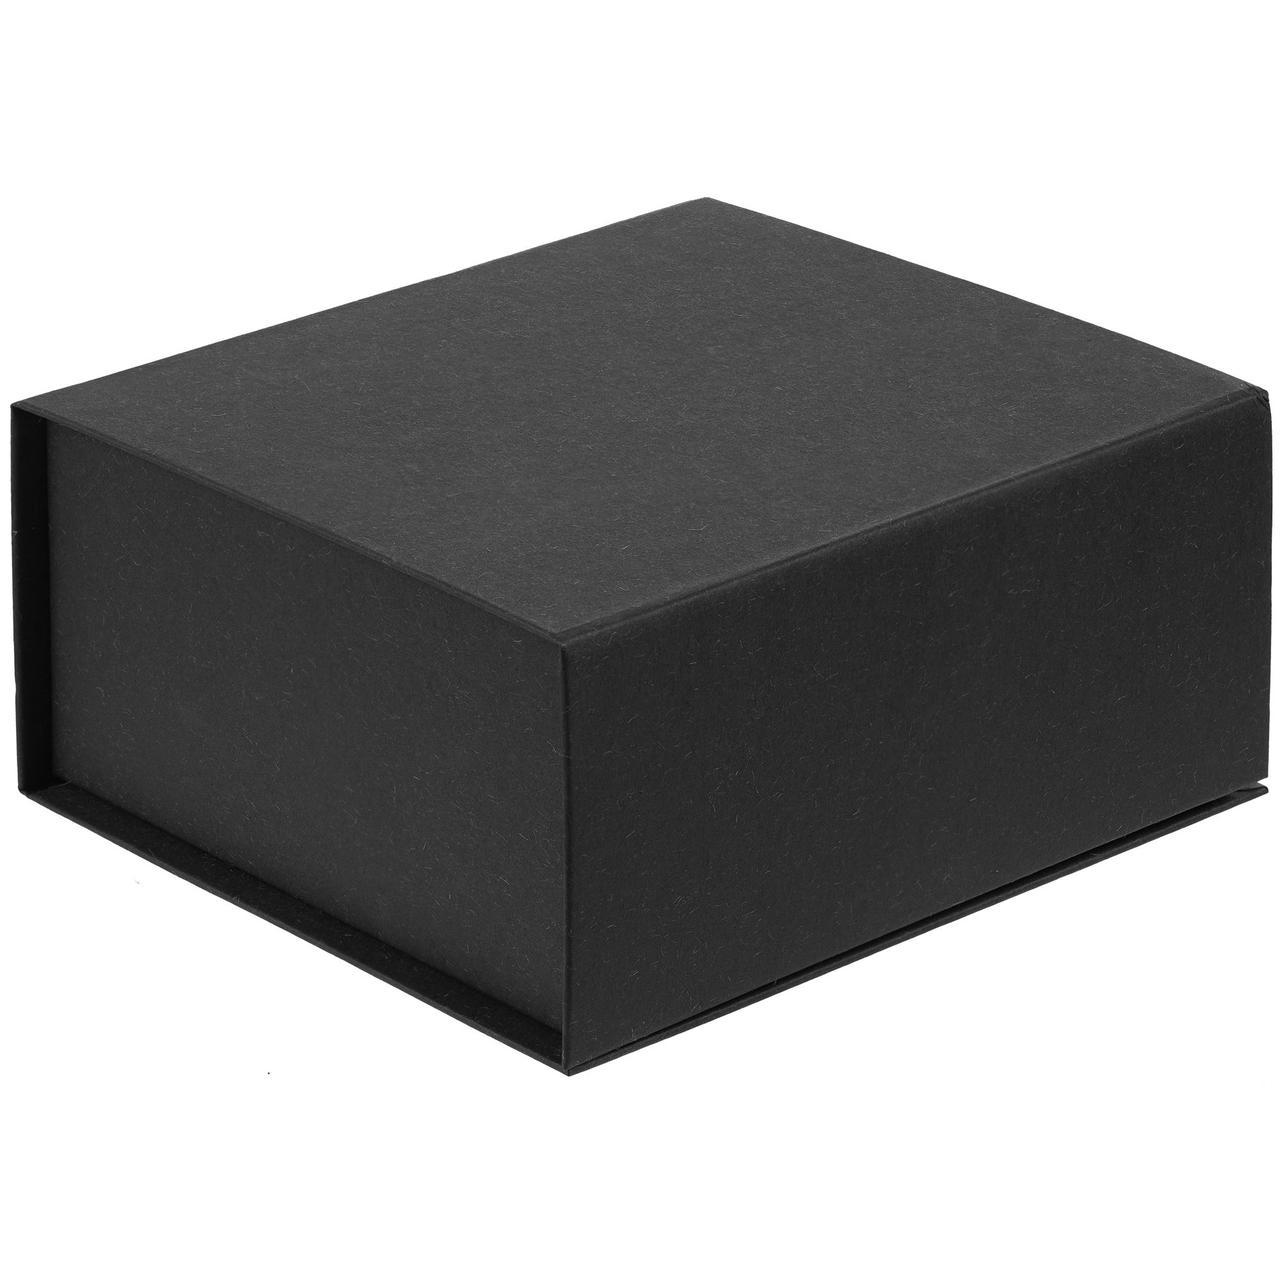 Коробка Eco Style, черная (артикул 72001.30)